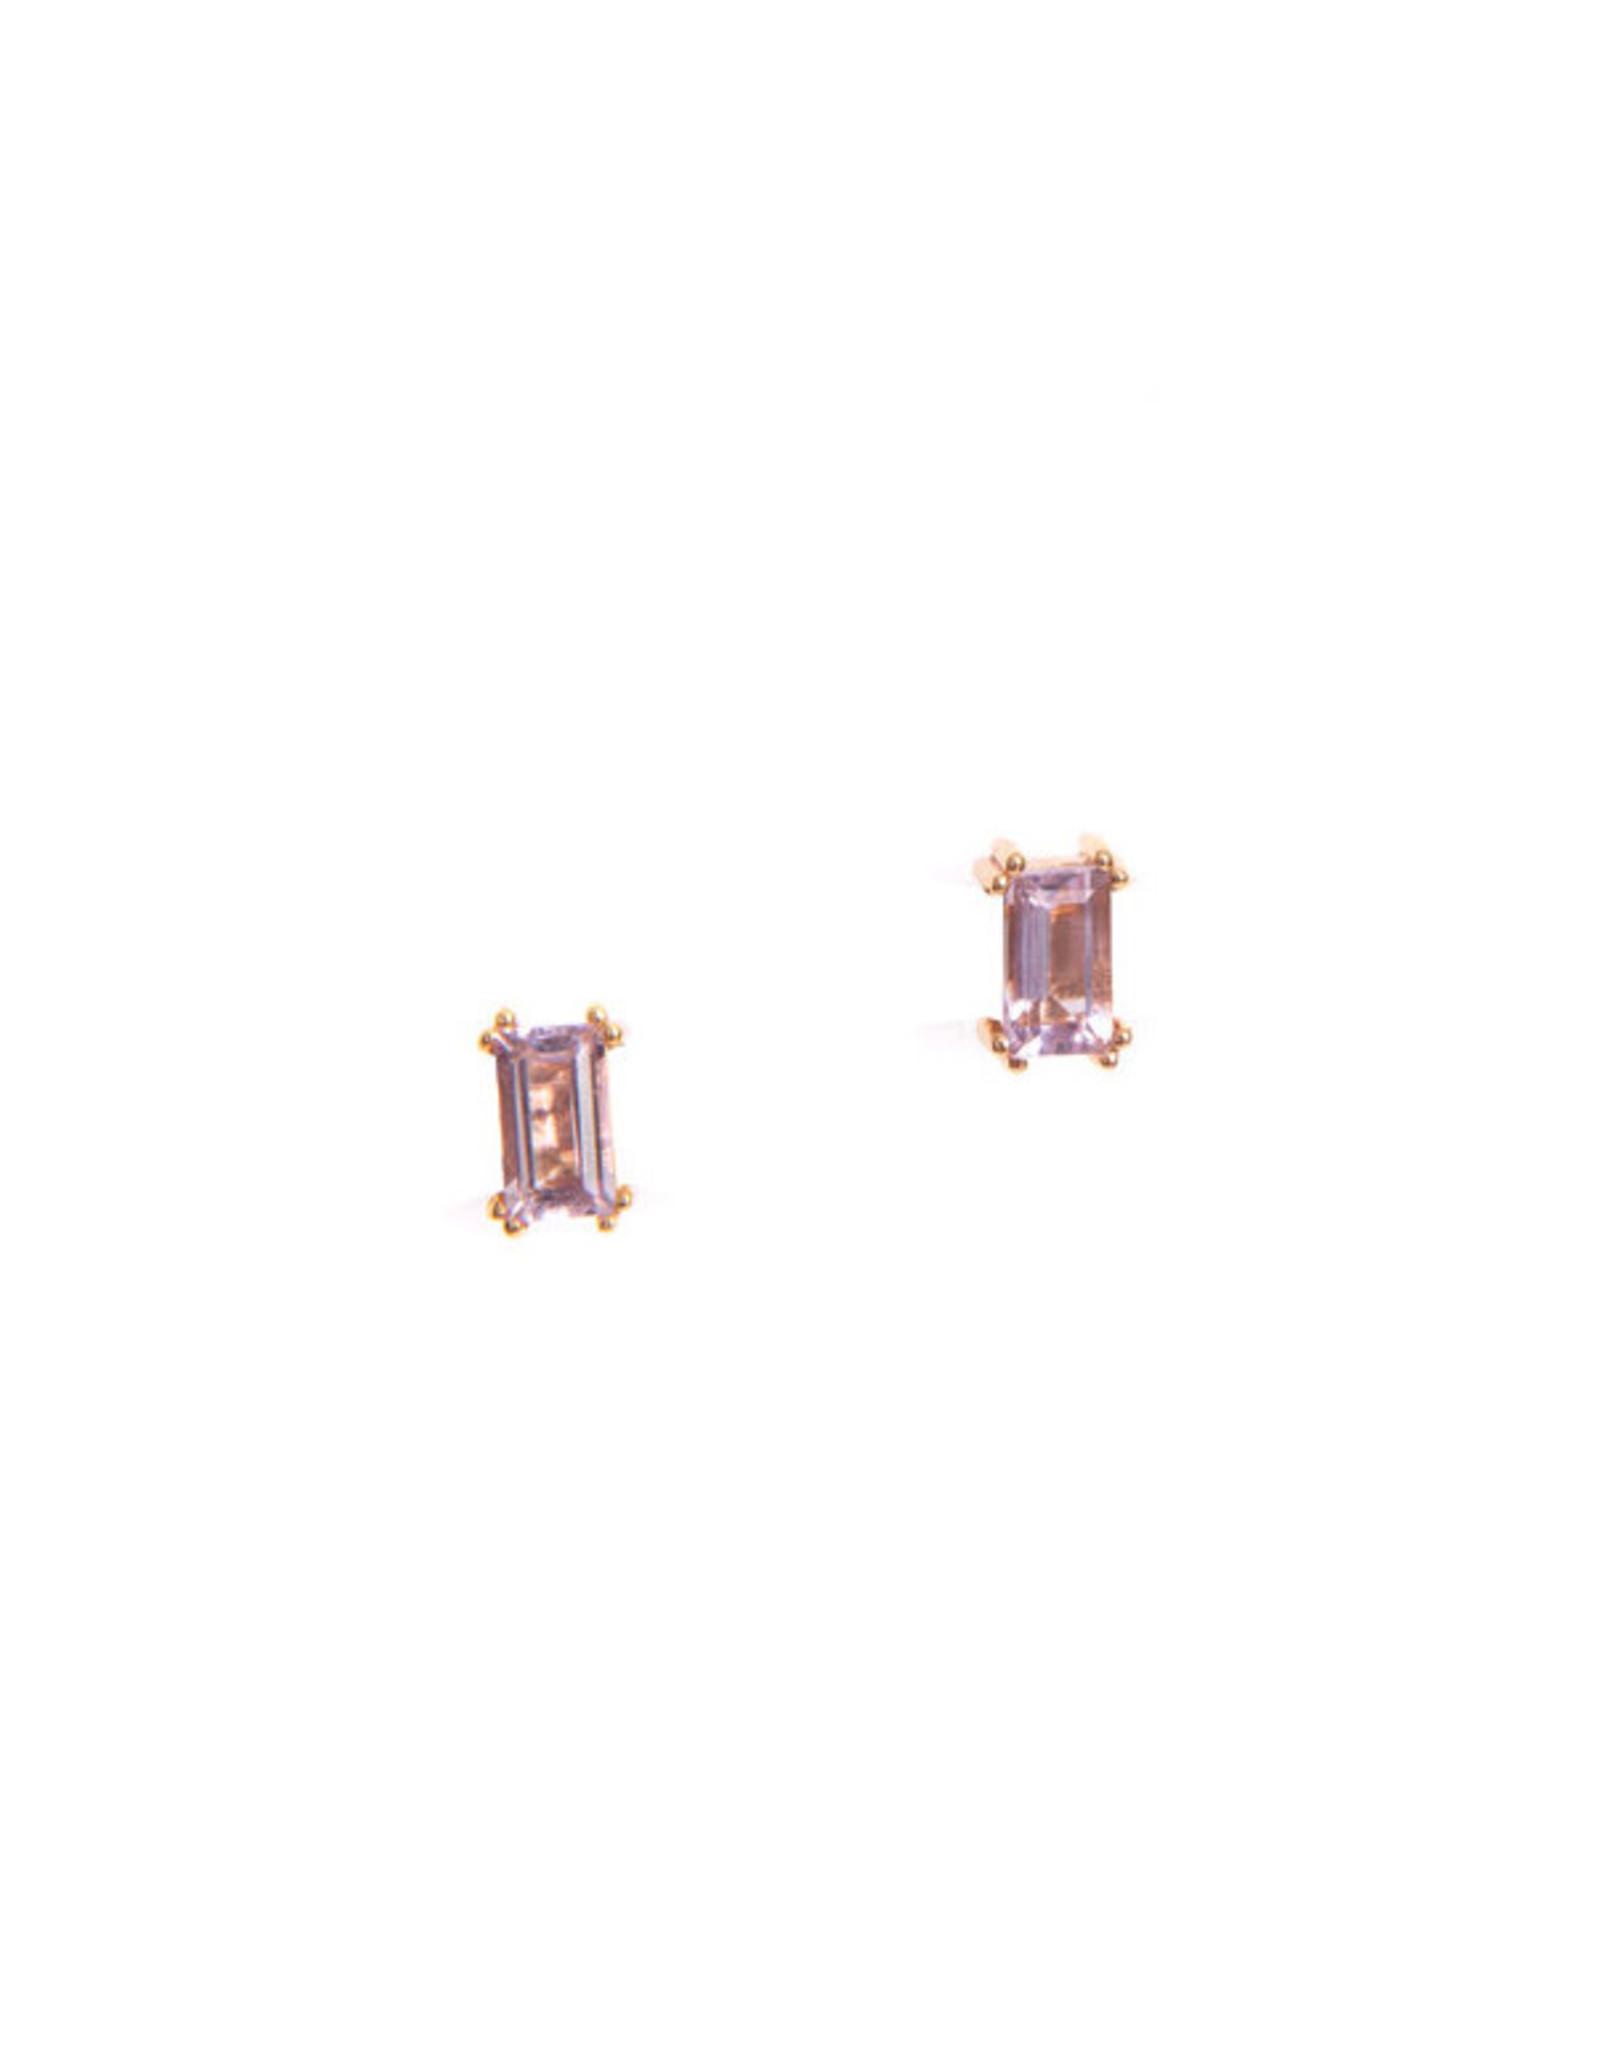 Hailey Gerrits Designs Baguette Studs - Pink Amethyst